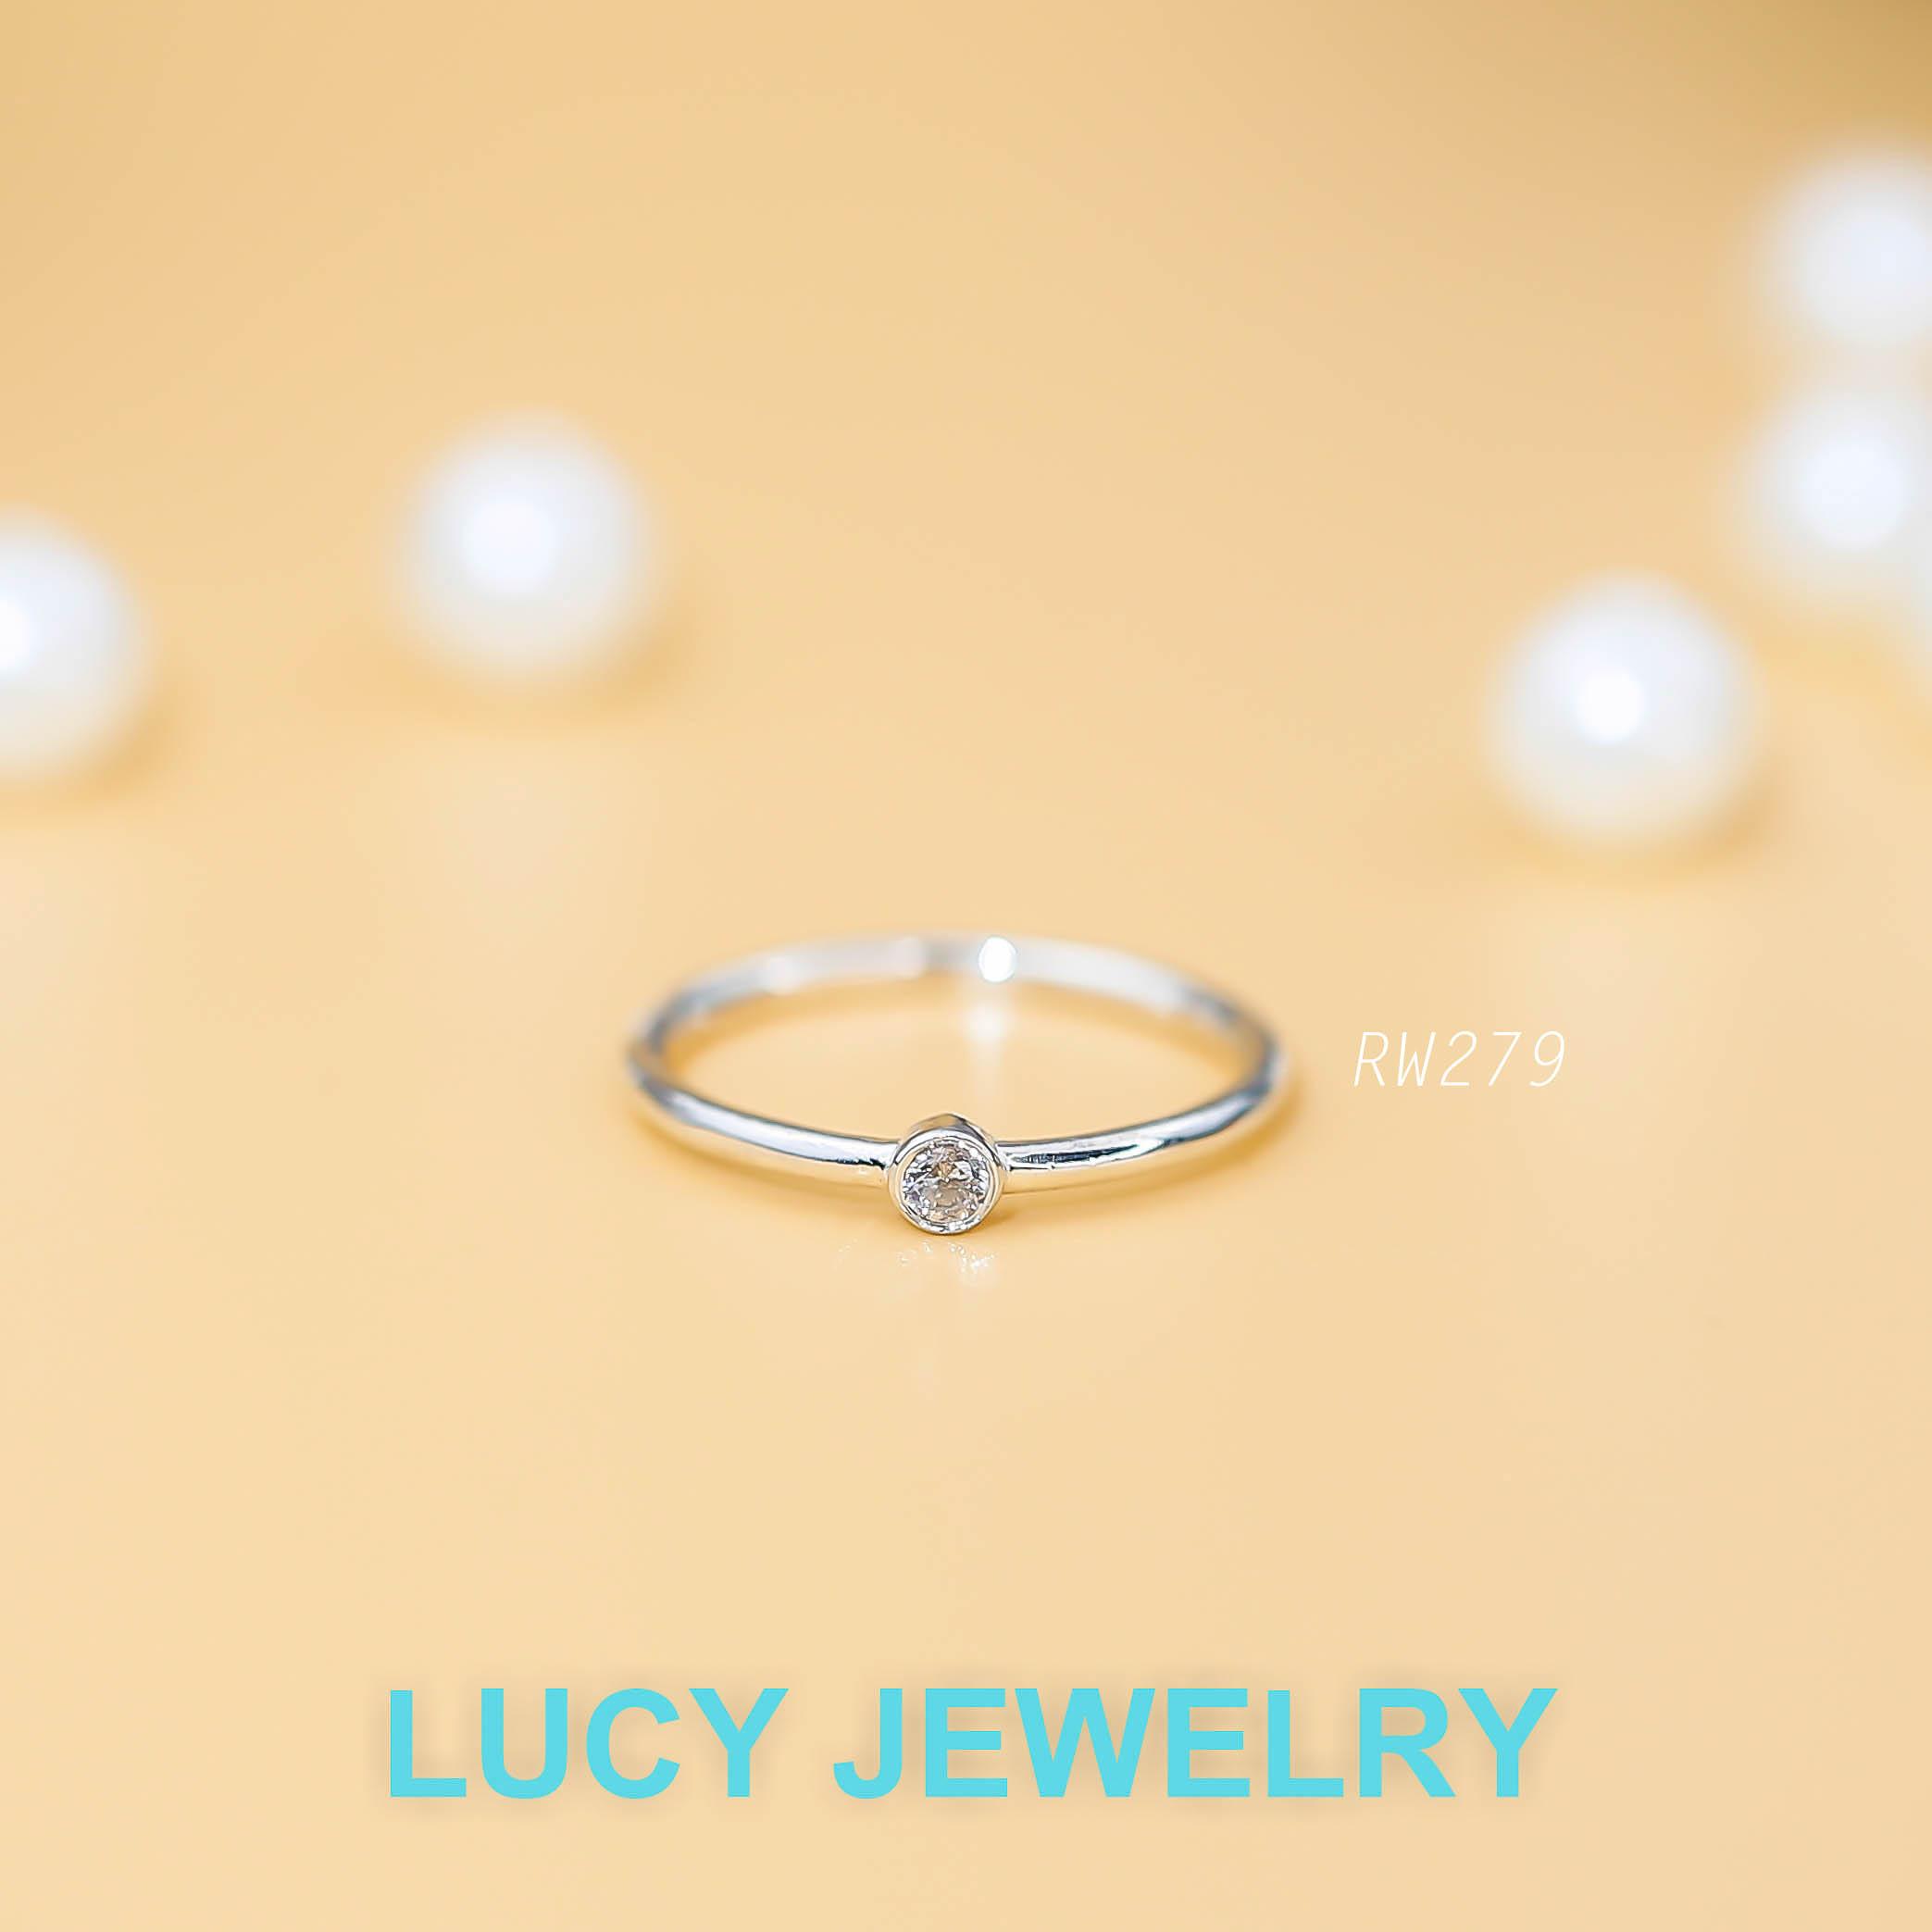 Nhẫn bạc đẹp, nhẫn tối giản, đá nhỏ RW279